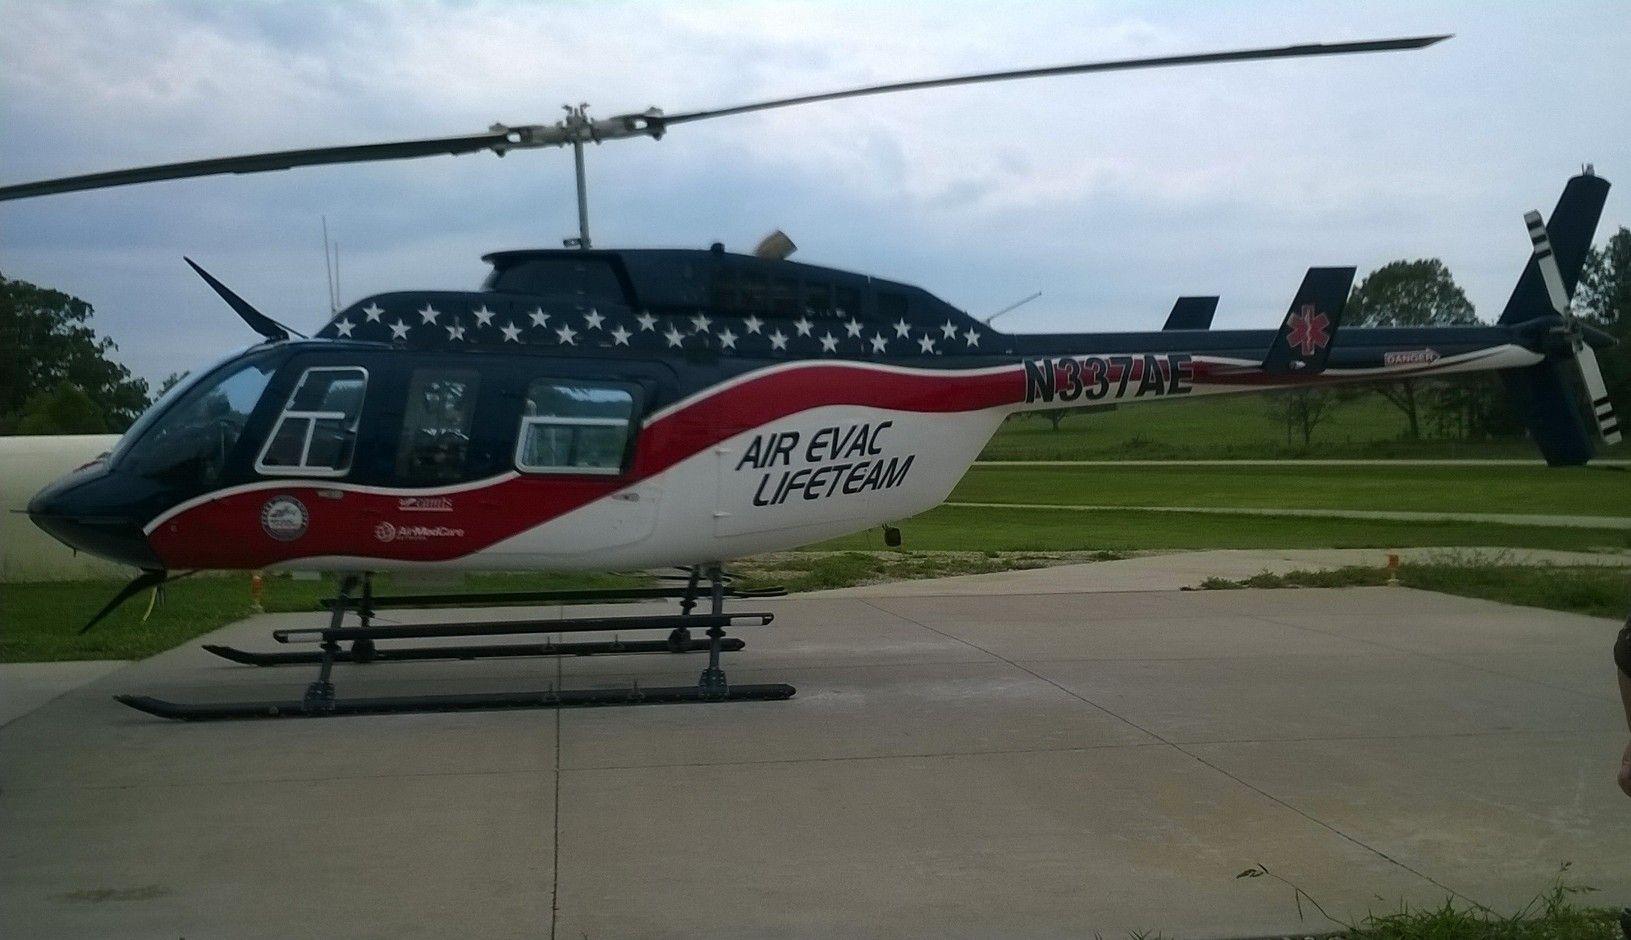 Air Evac Lifeteam at base 8 in Farmington Missouri